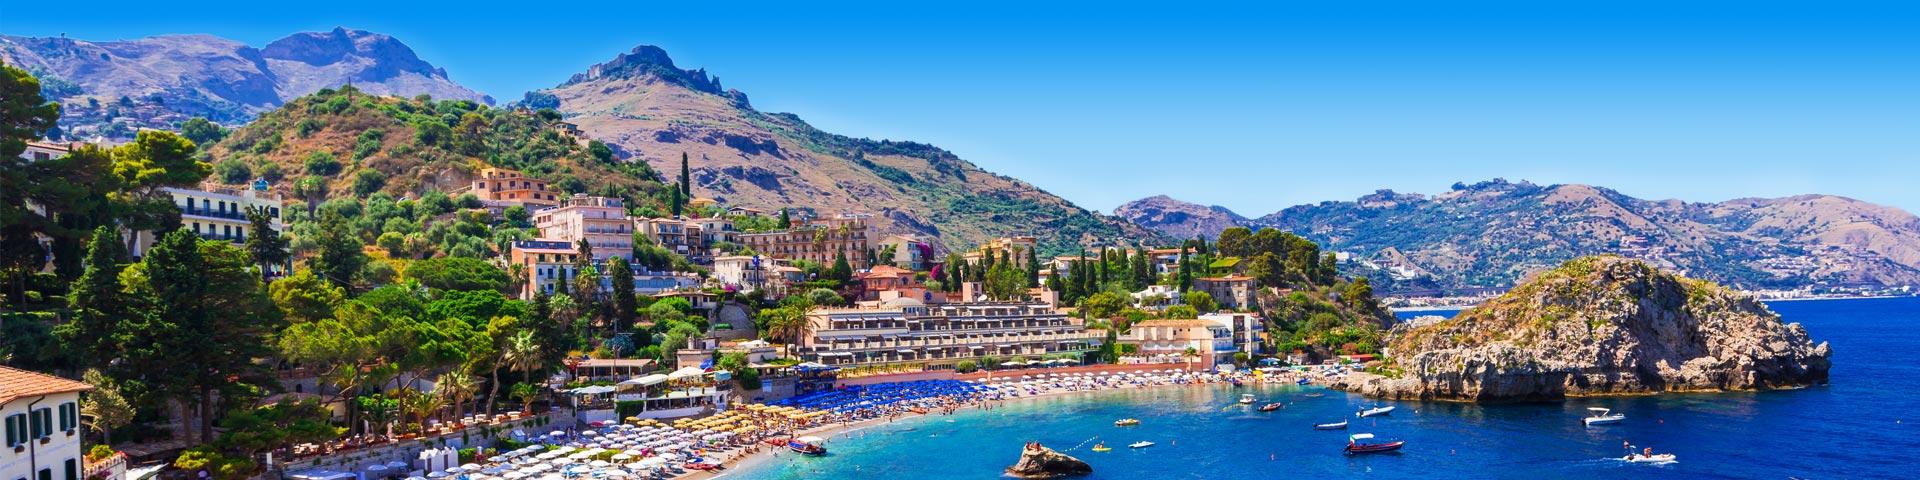 Uitzicht op een baai op het eiland Sicilië tijdens een all inclusive vakantie